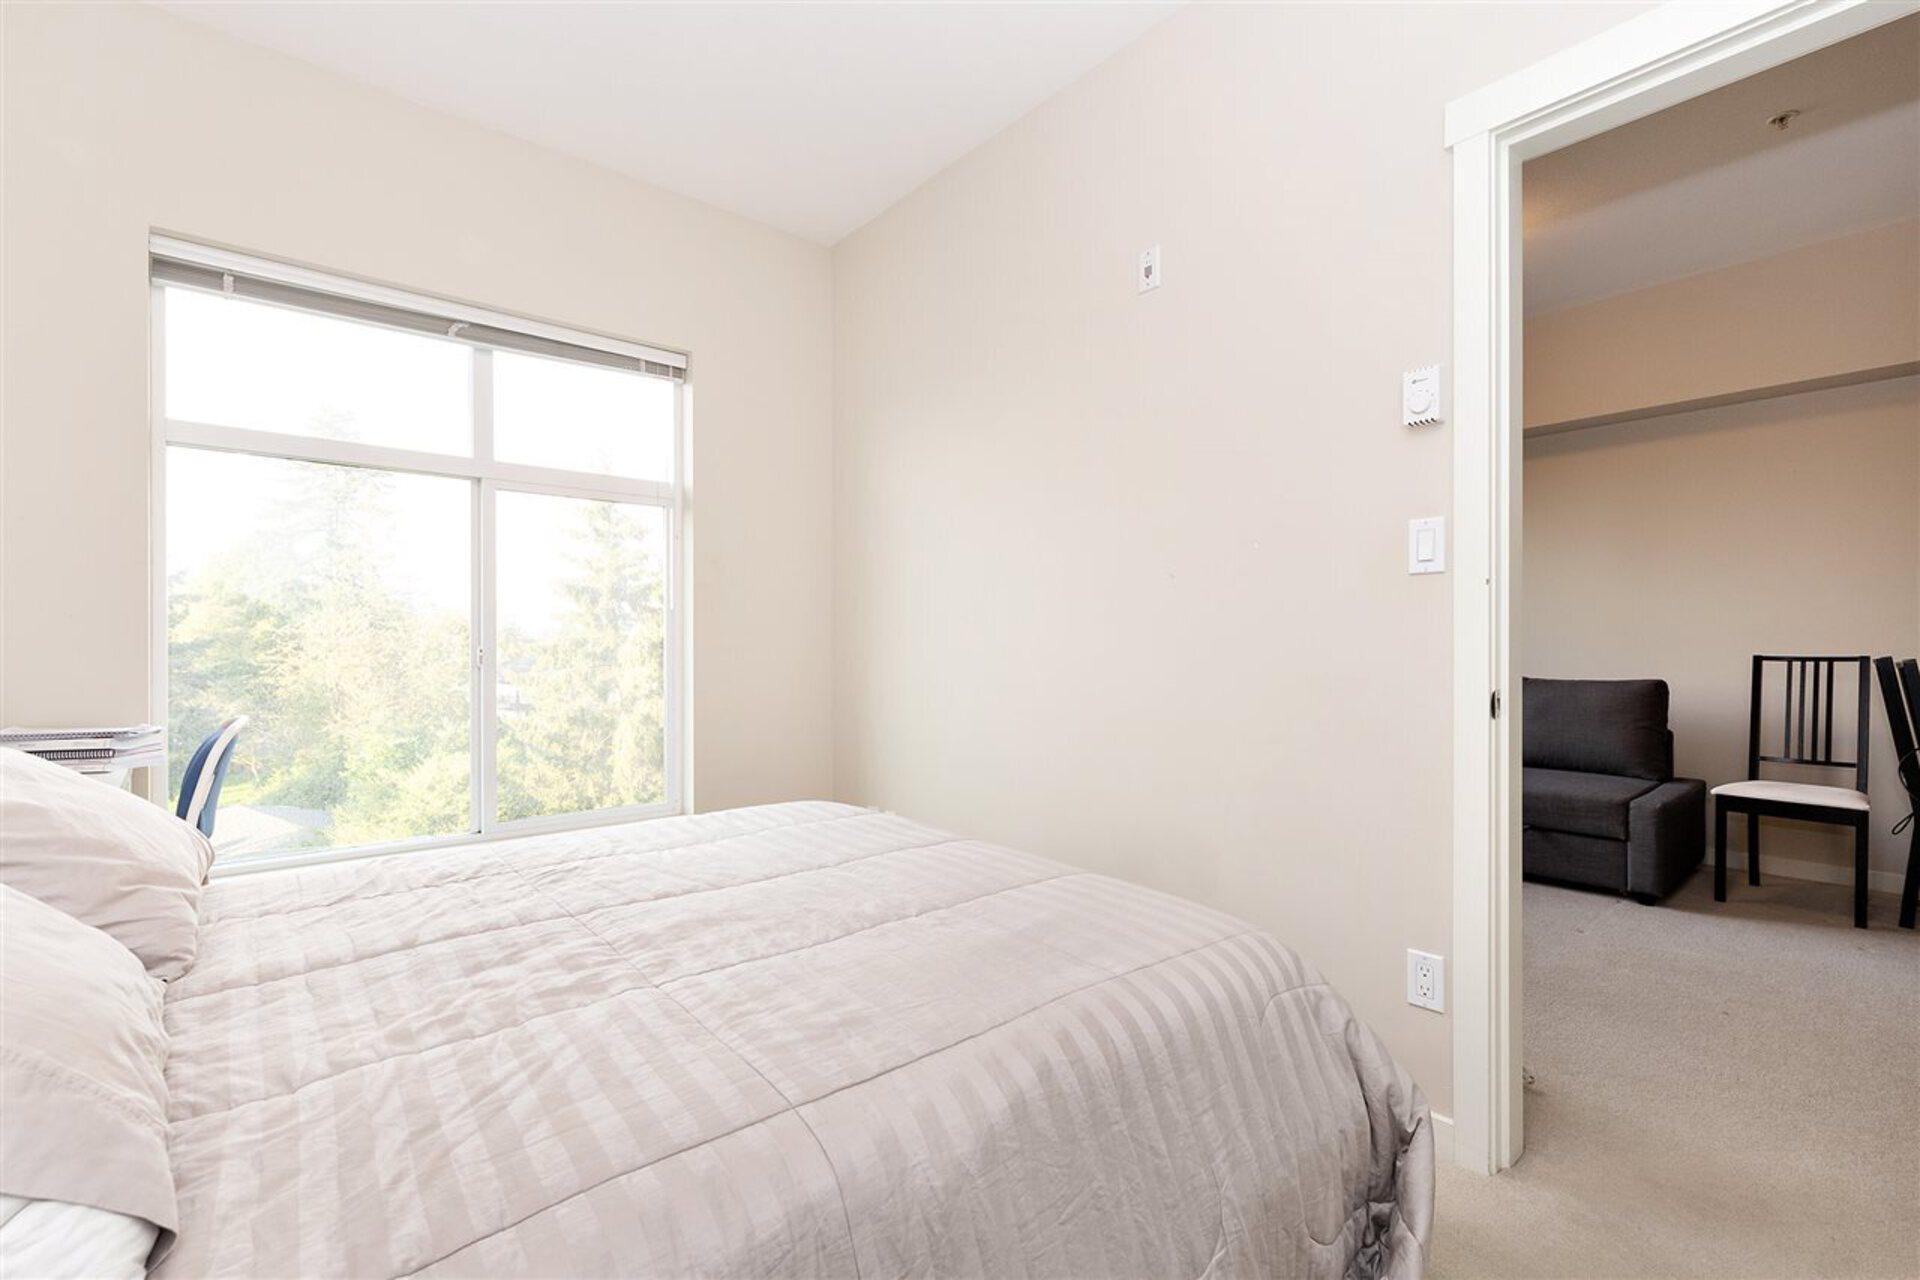 13728-108-avenue-whalley-north-surrey-12 at 434 - 13728 108 Avenue, Whalley, North Surrey